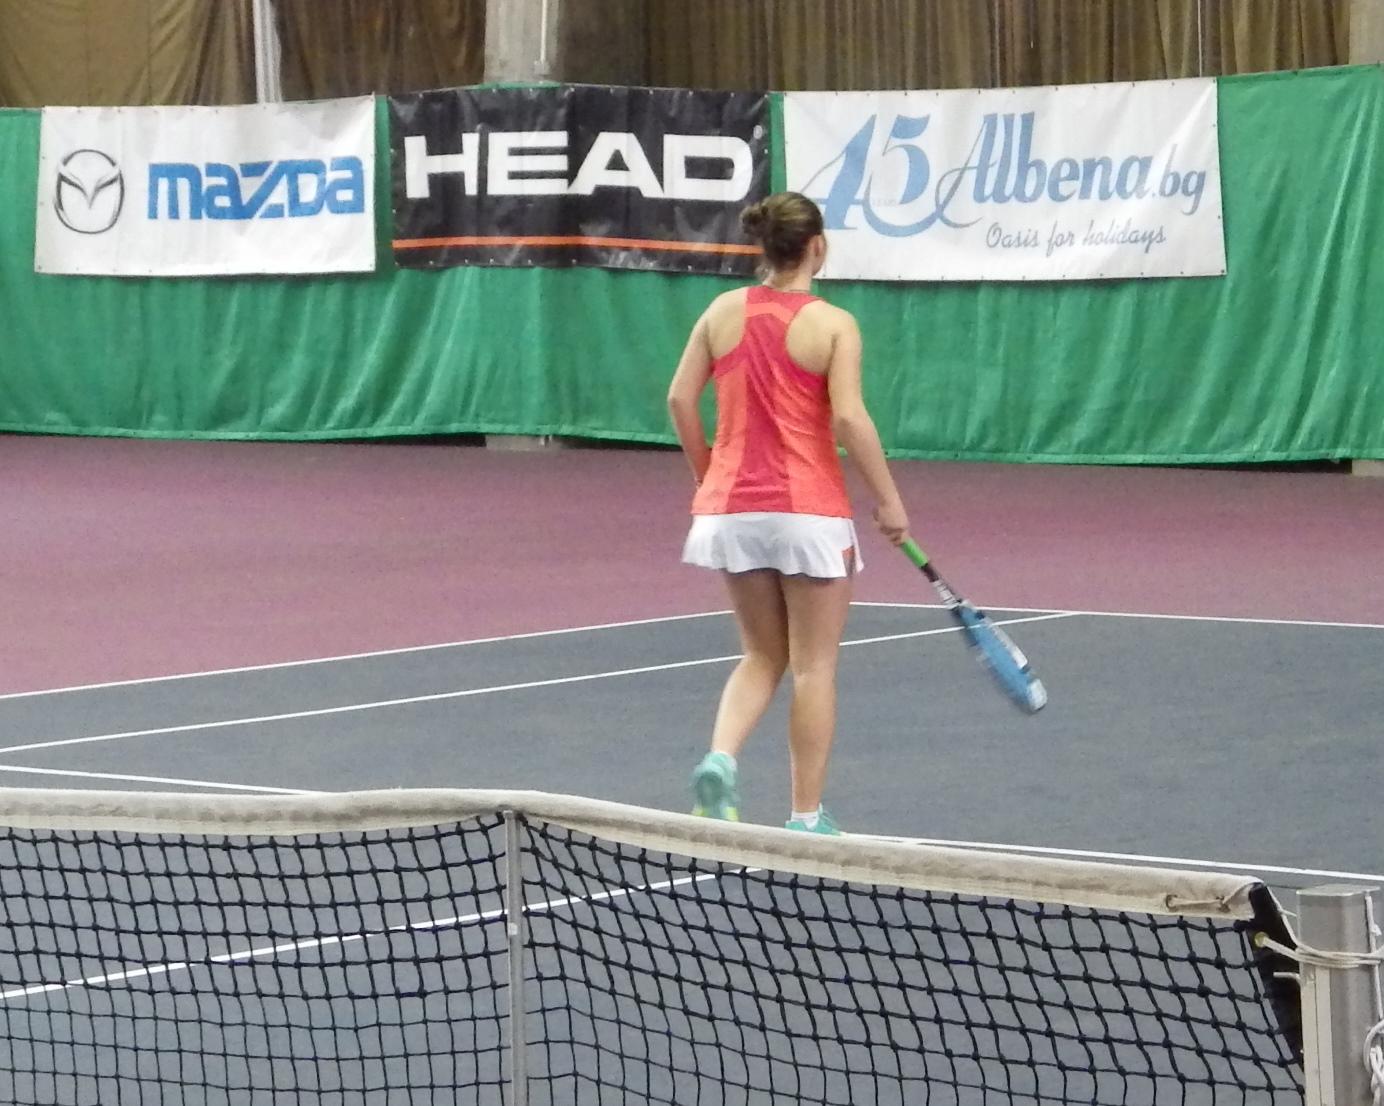 Tennis24.bg и Prince Bulgaria стартираха игра във Фейсбук